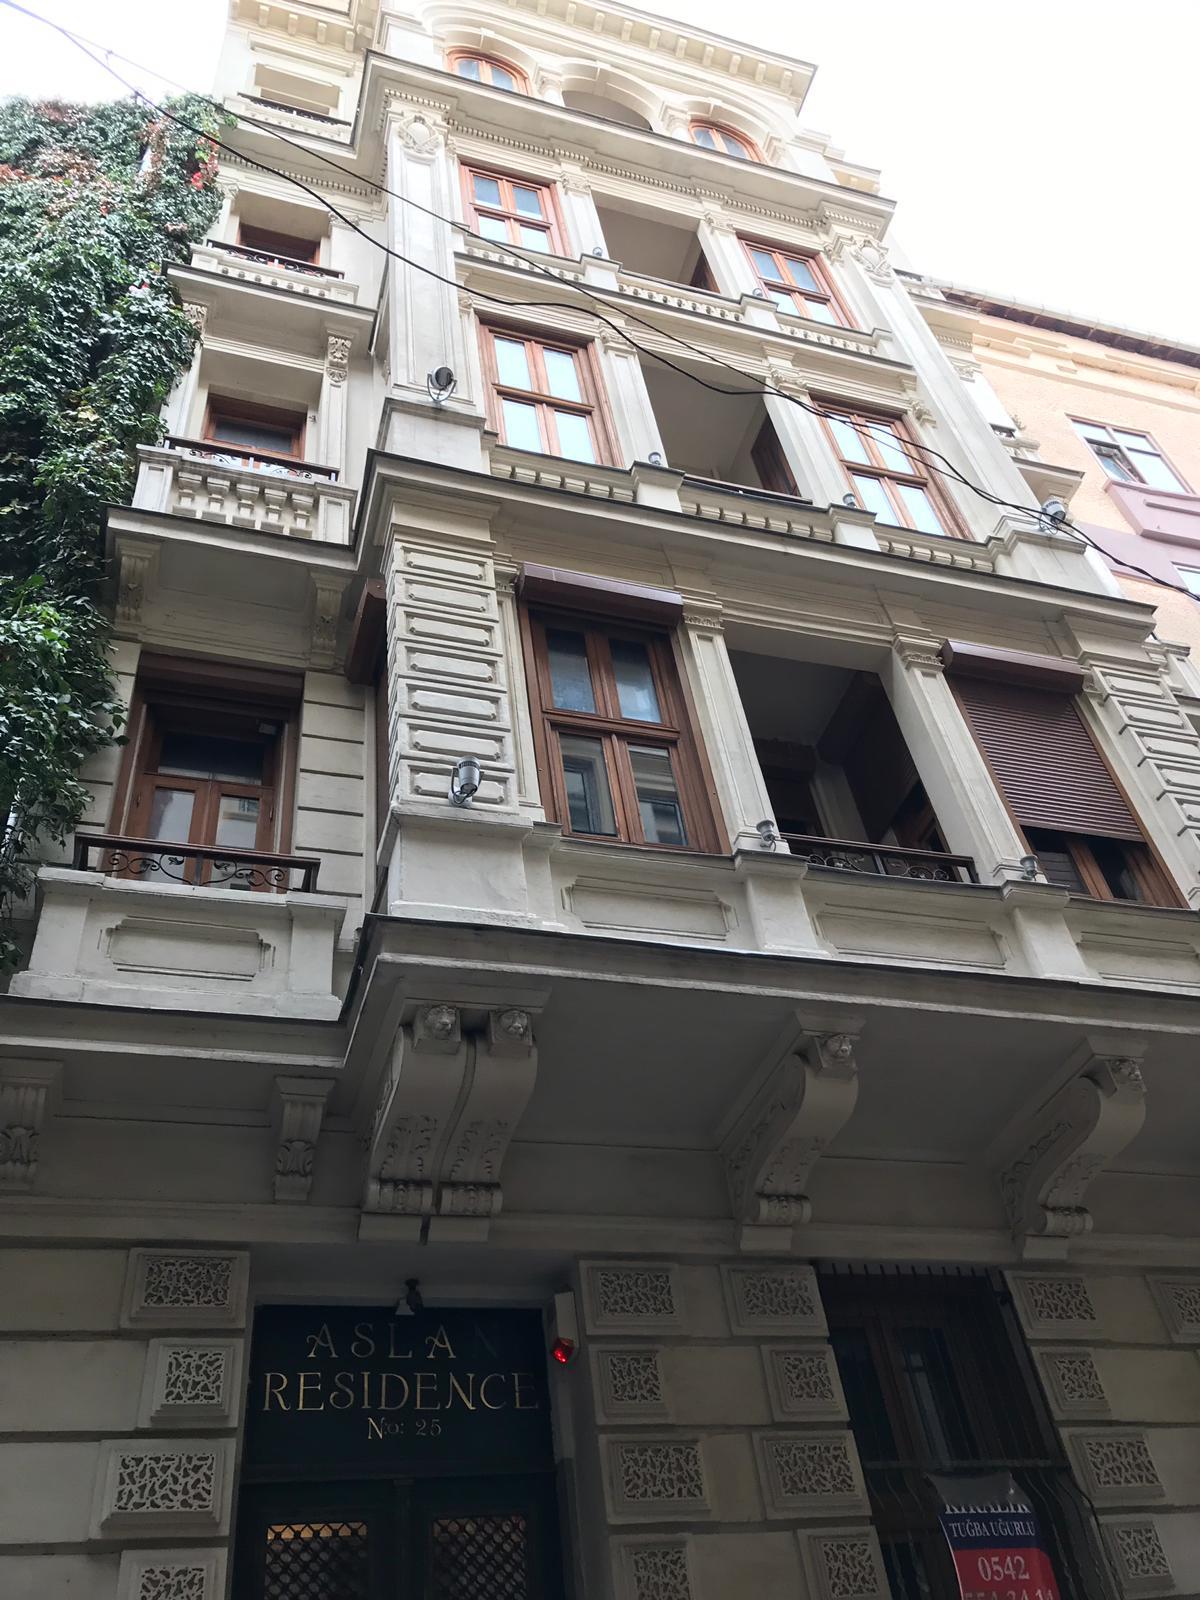 Aslan Residence, İstanbul, Beyoğlu, 34349